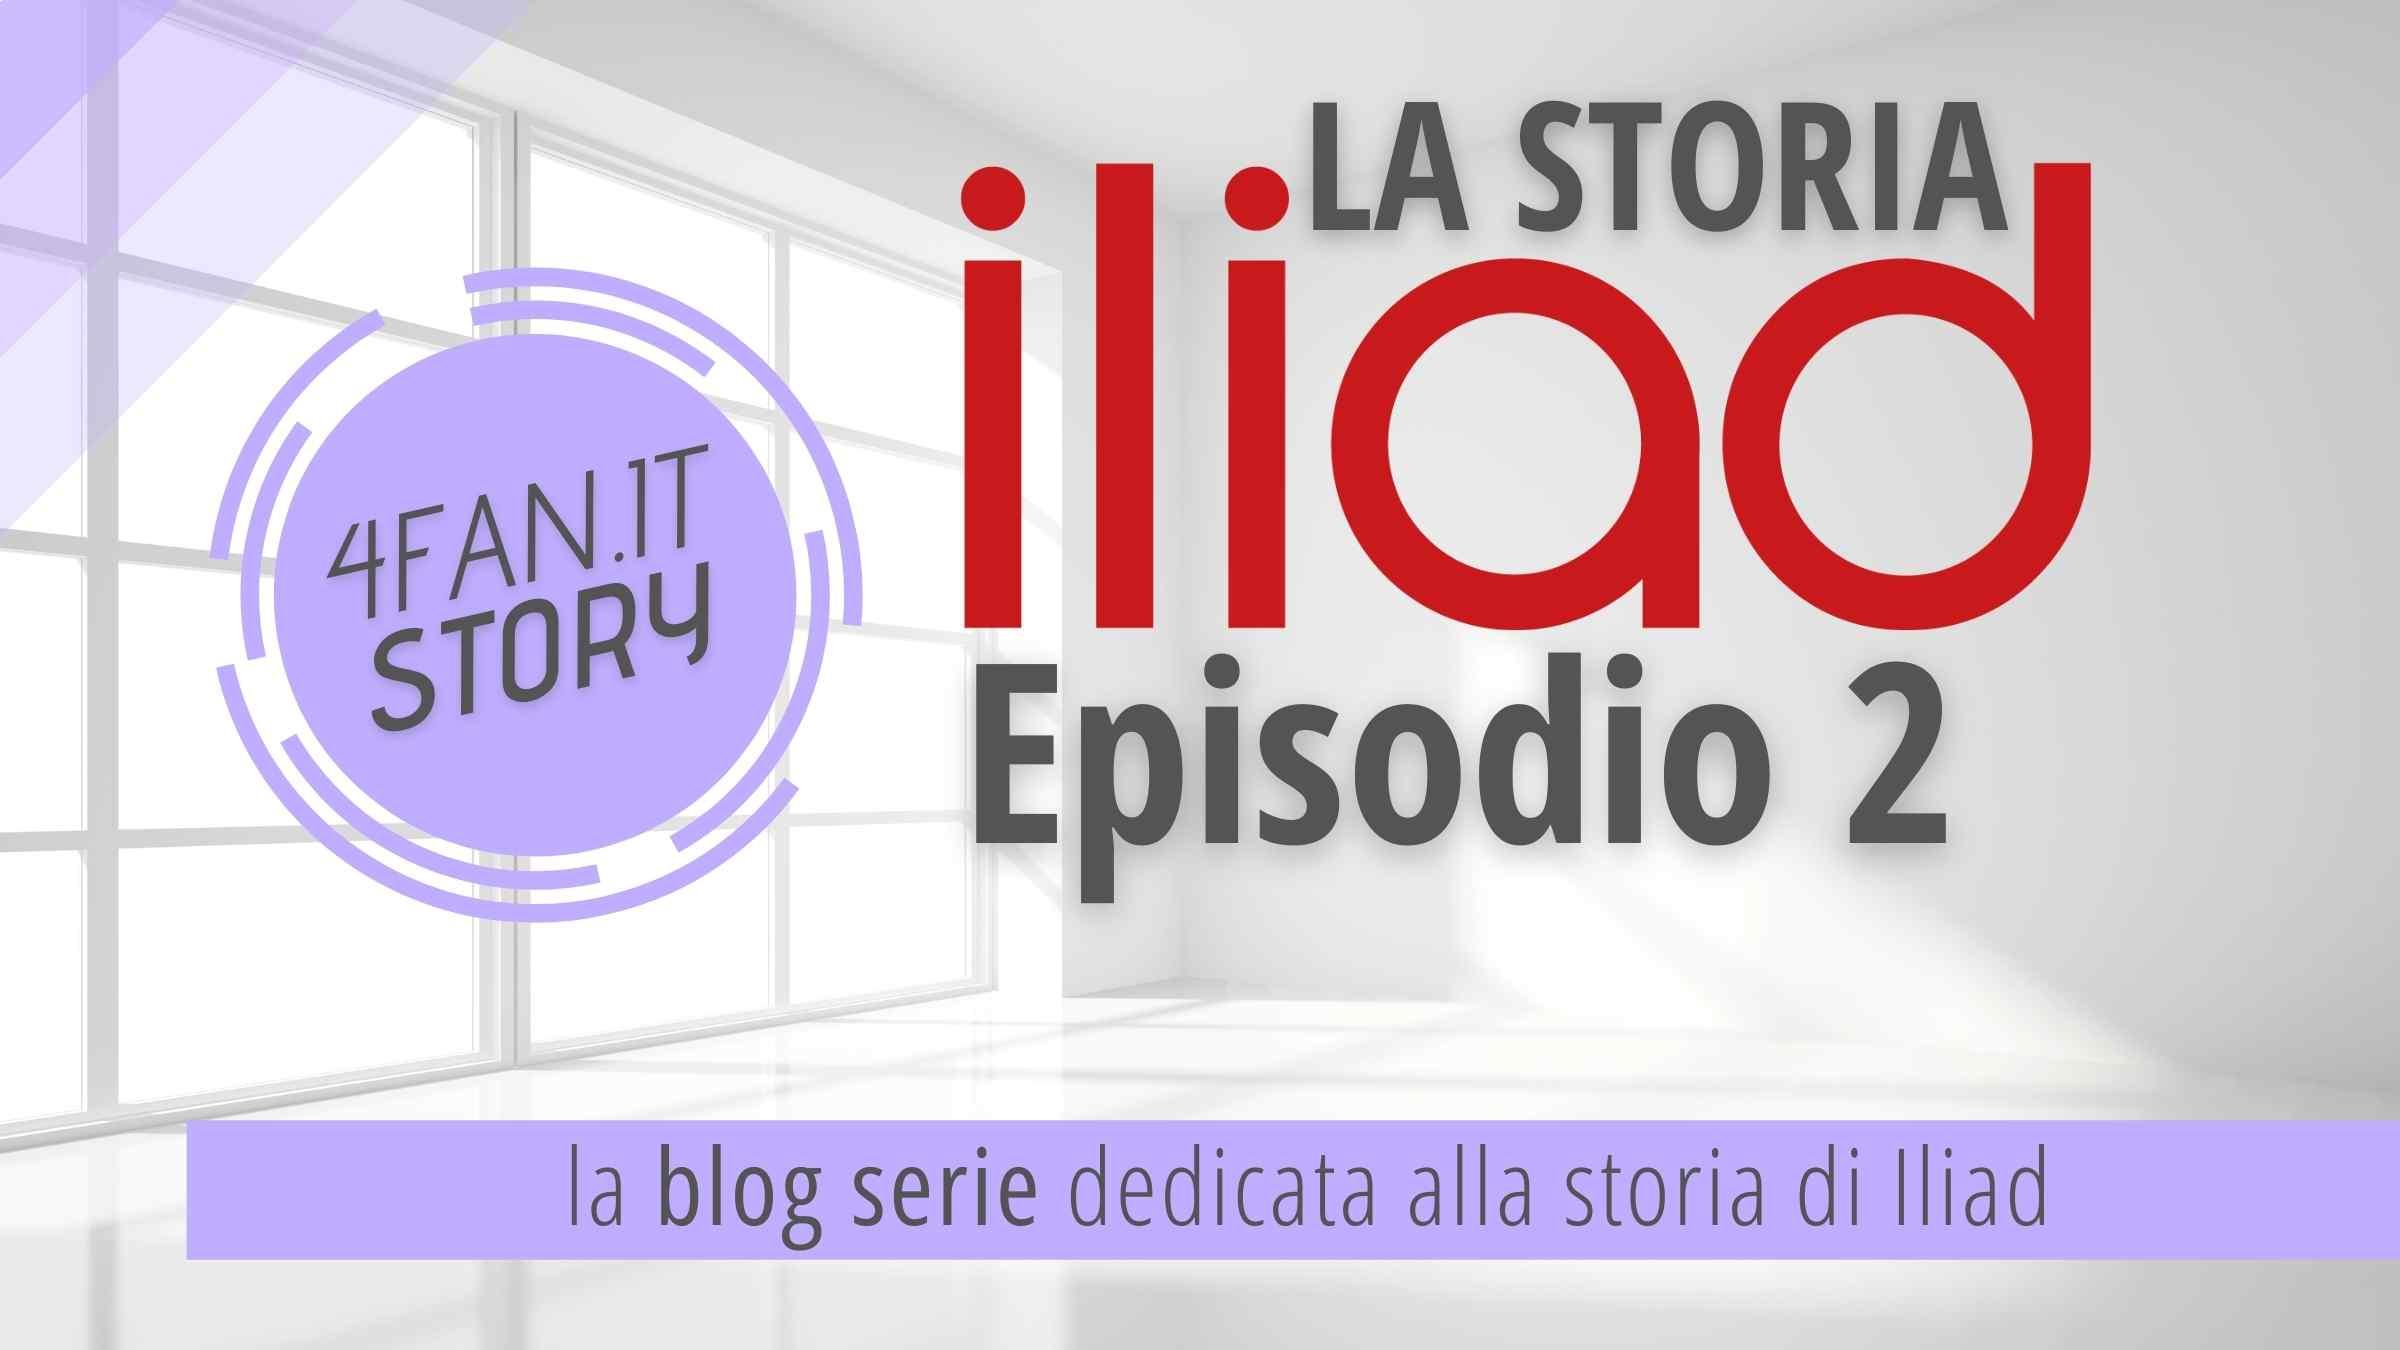 Storia di Iliad episodio 2